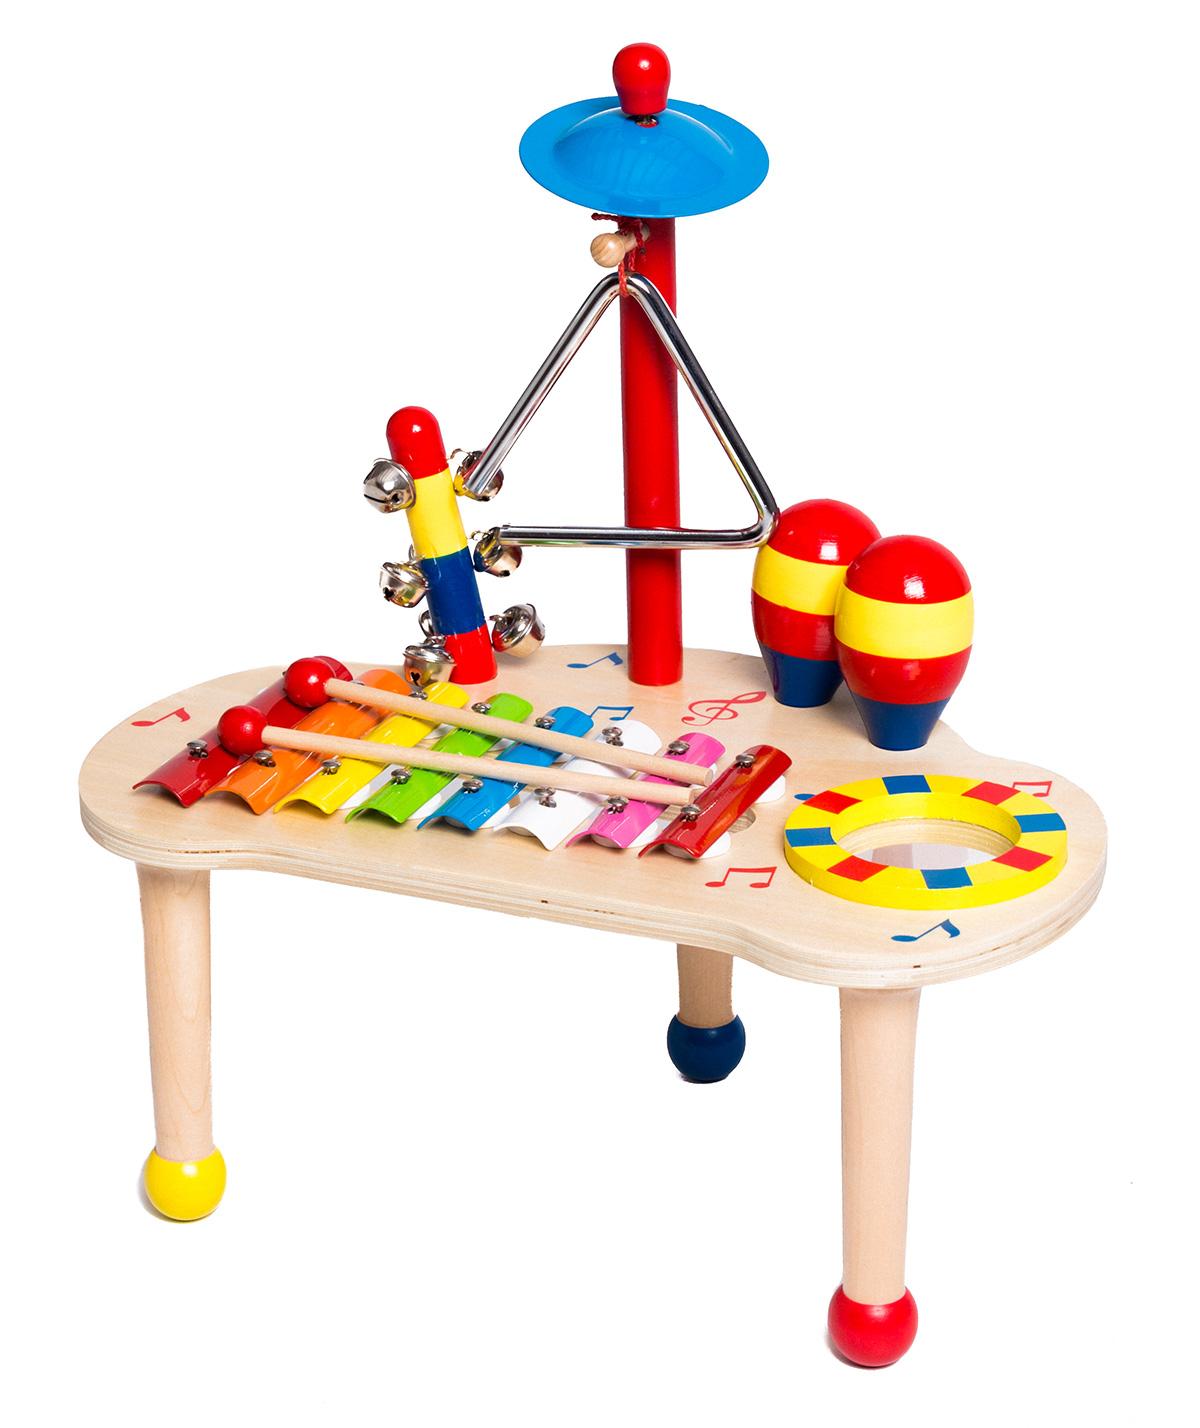 Childrenu0027s Wooden Toys